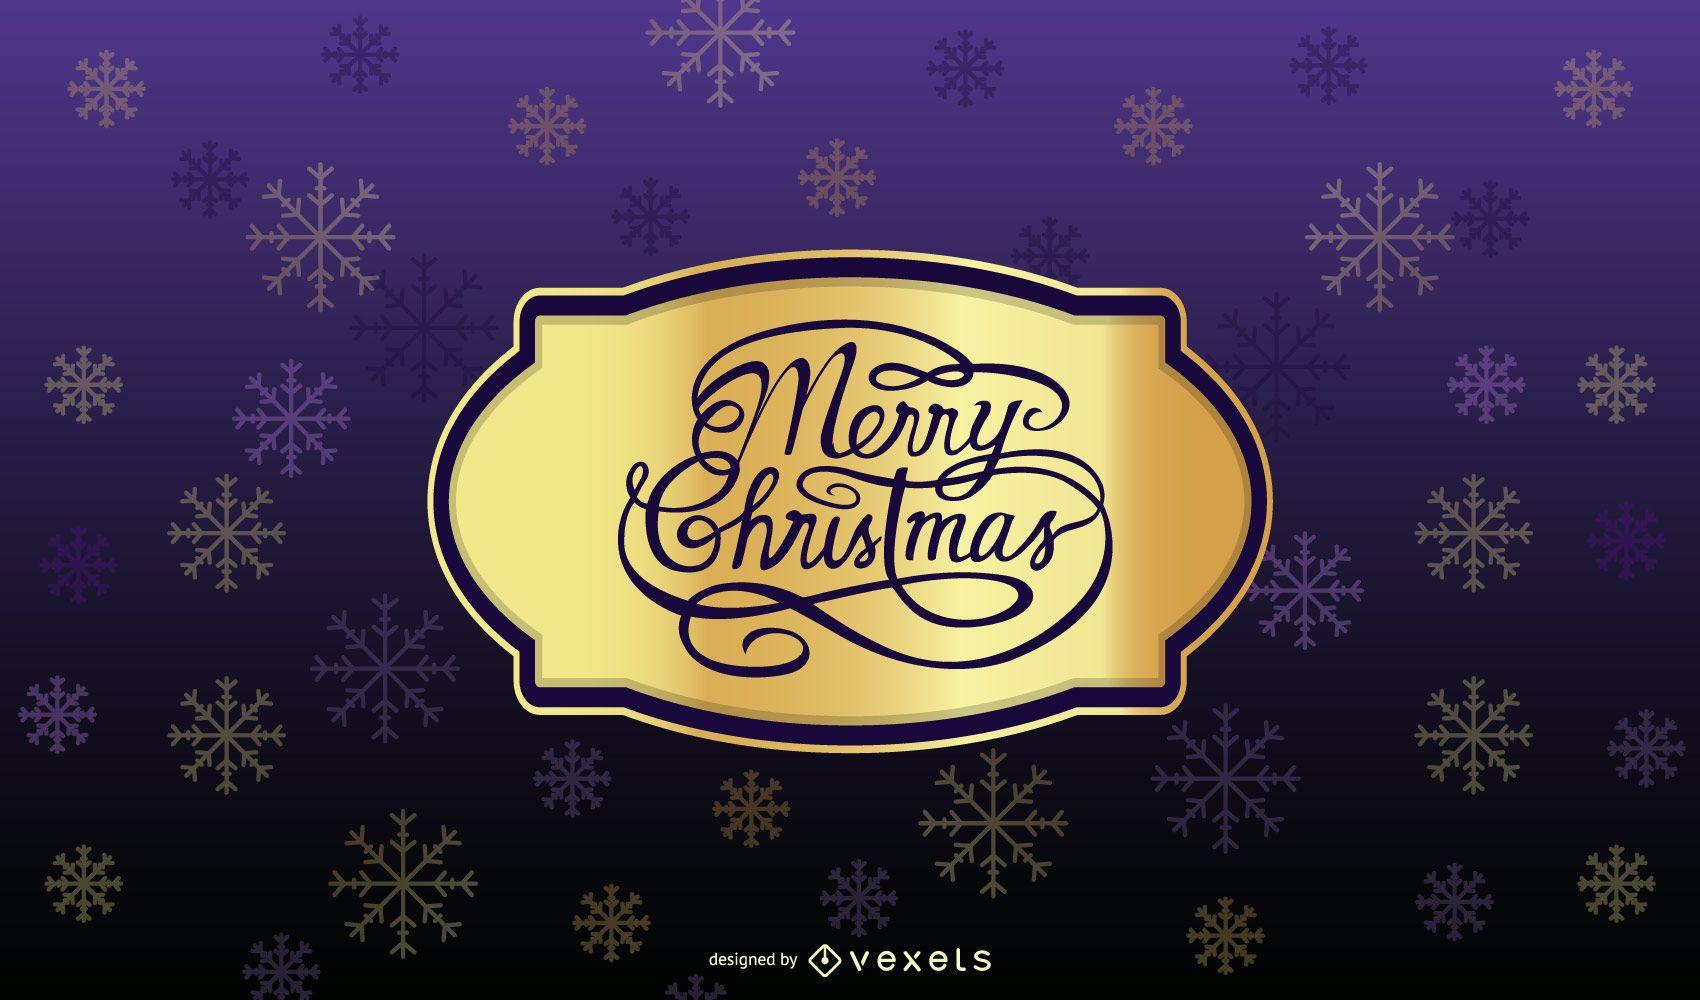 Tarjeta de Navidad morada con insignia dorada